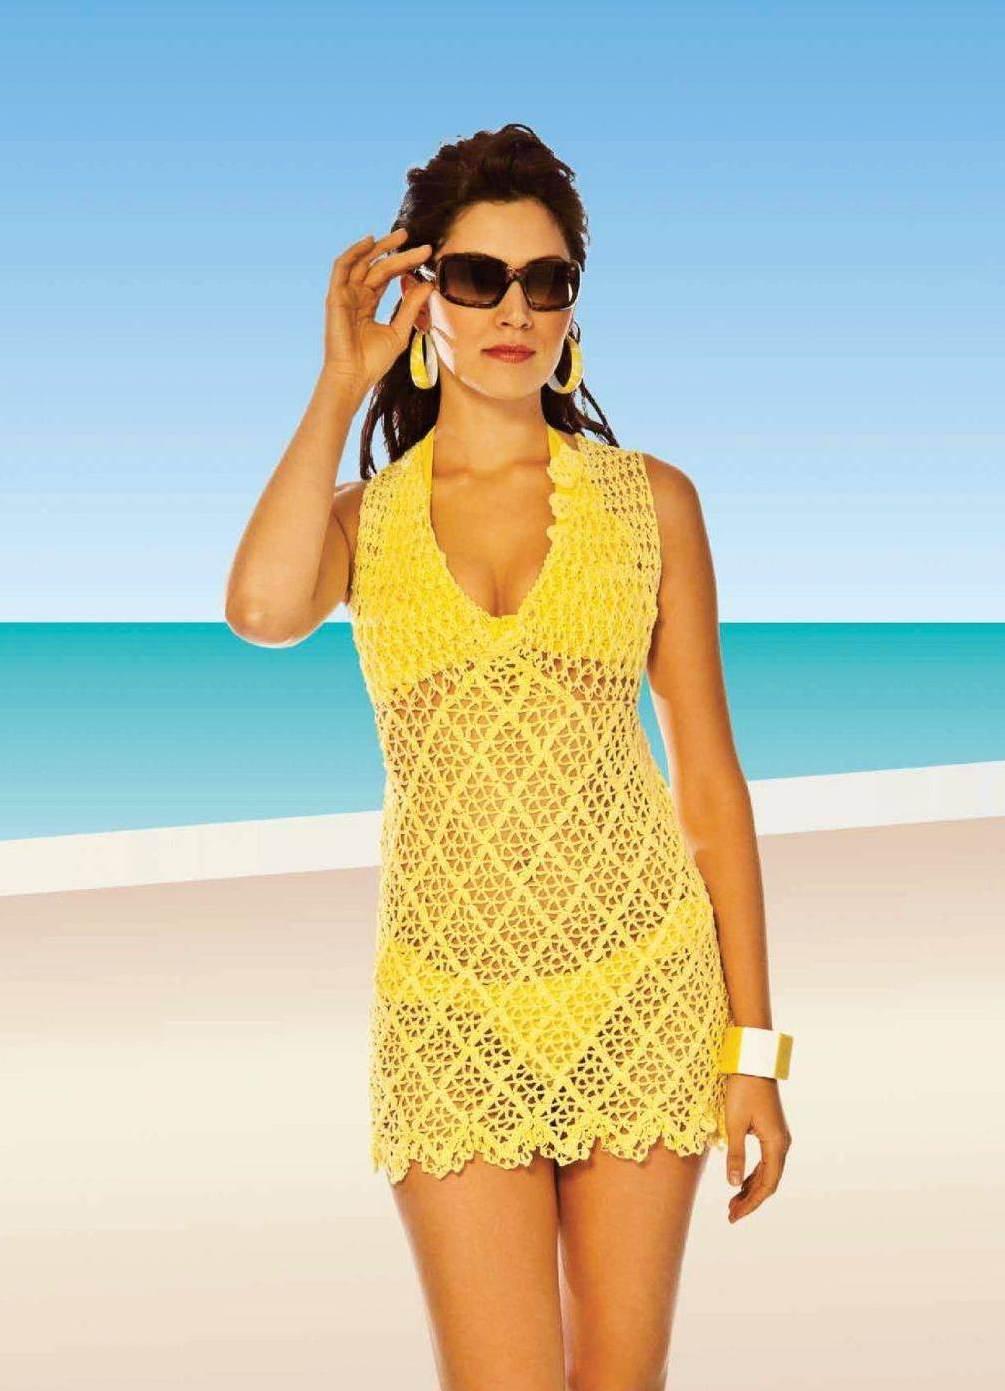 a1e207995e4bb ... пляжные накидки на купальник 5 ...